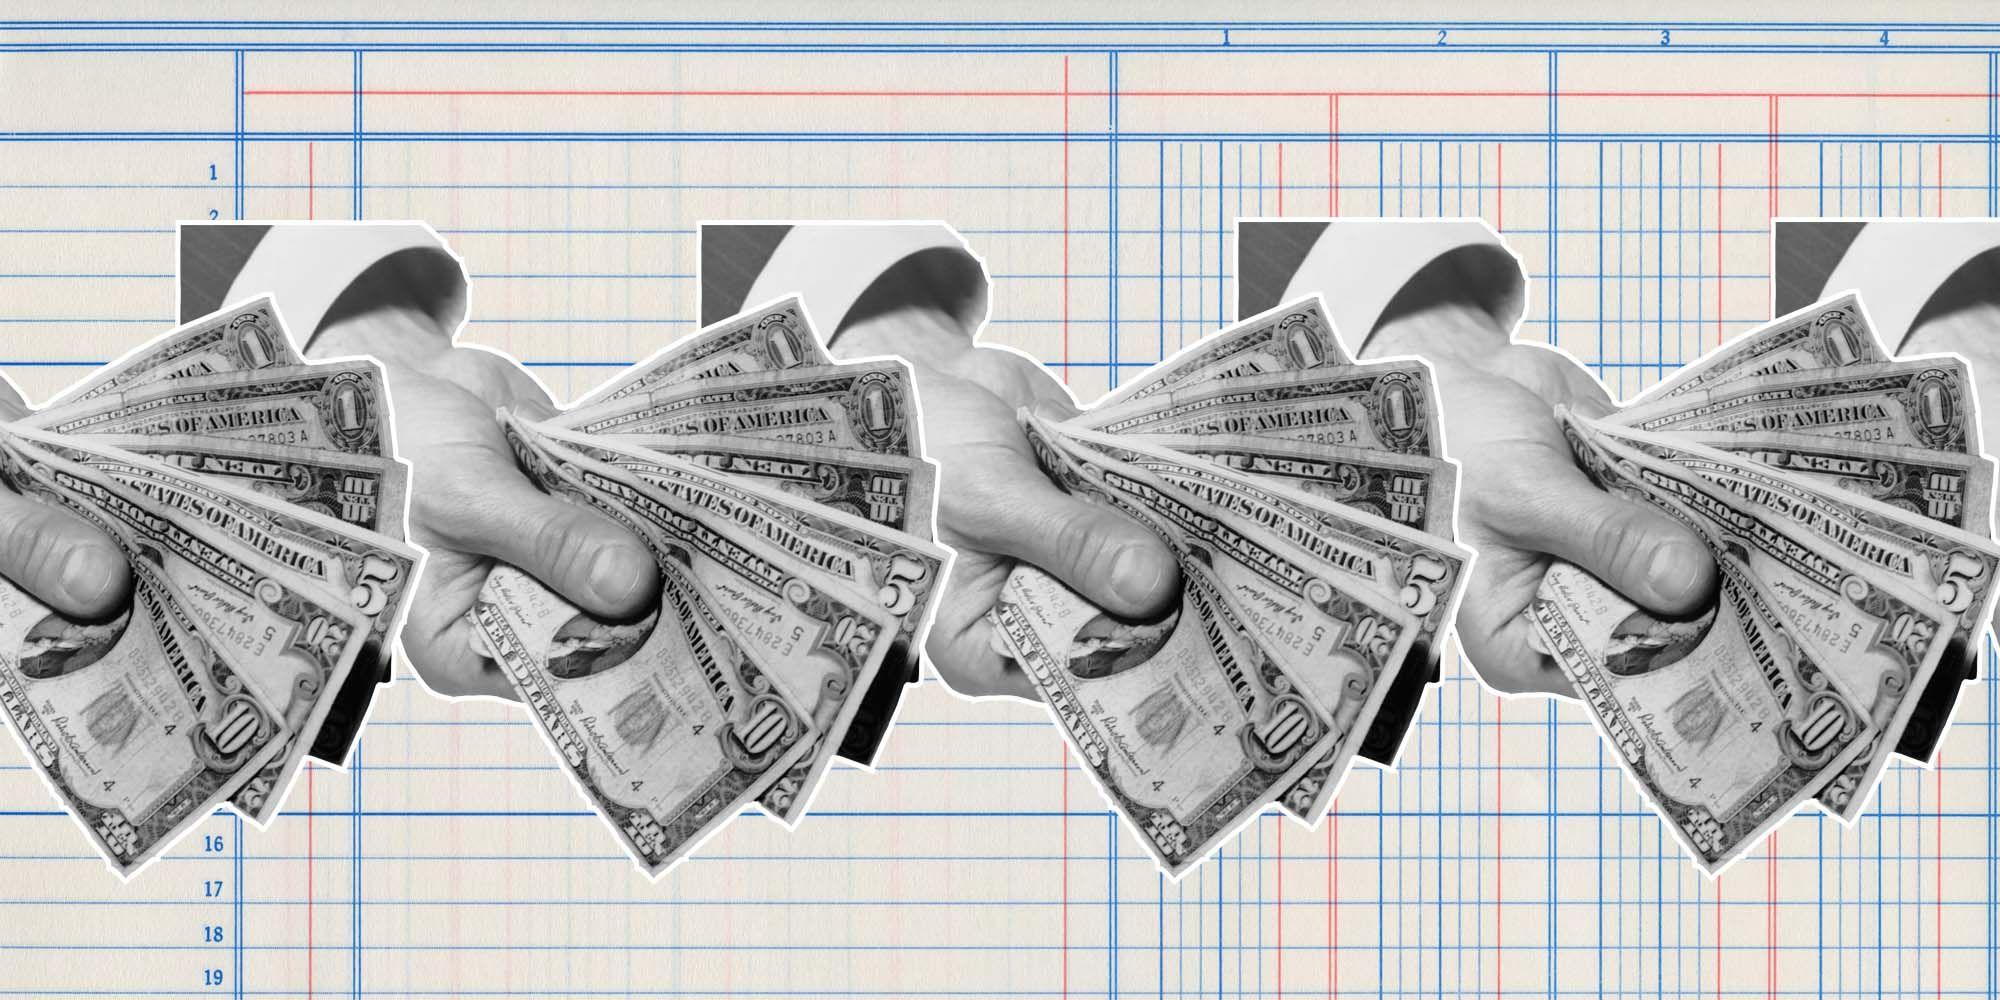 De Rekening, geld